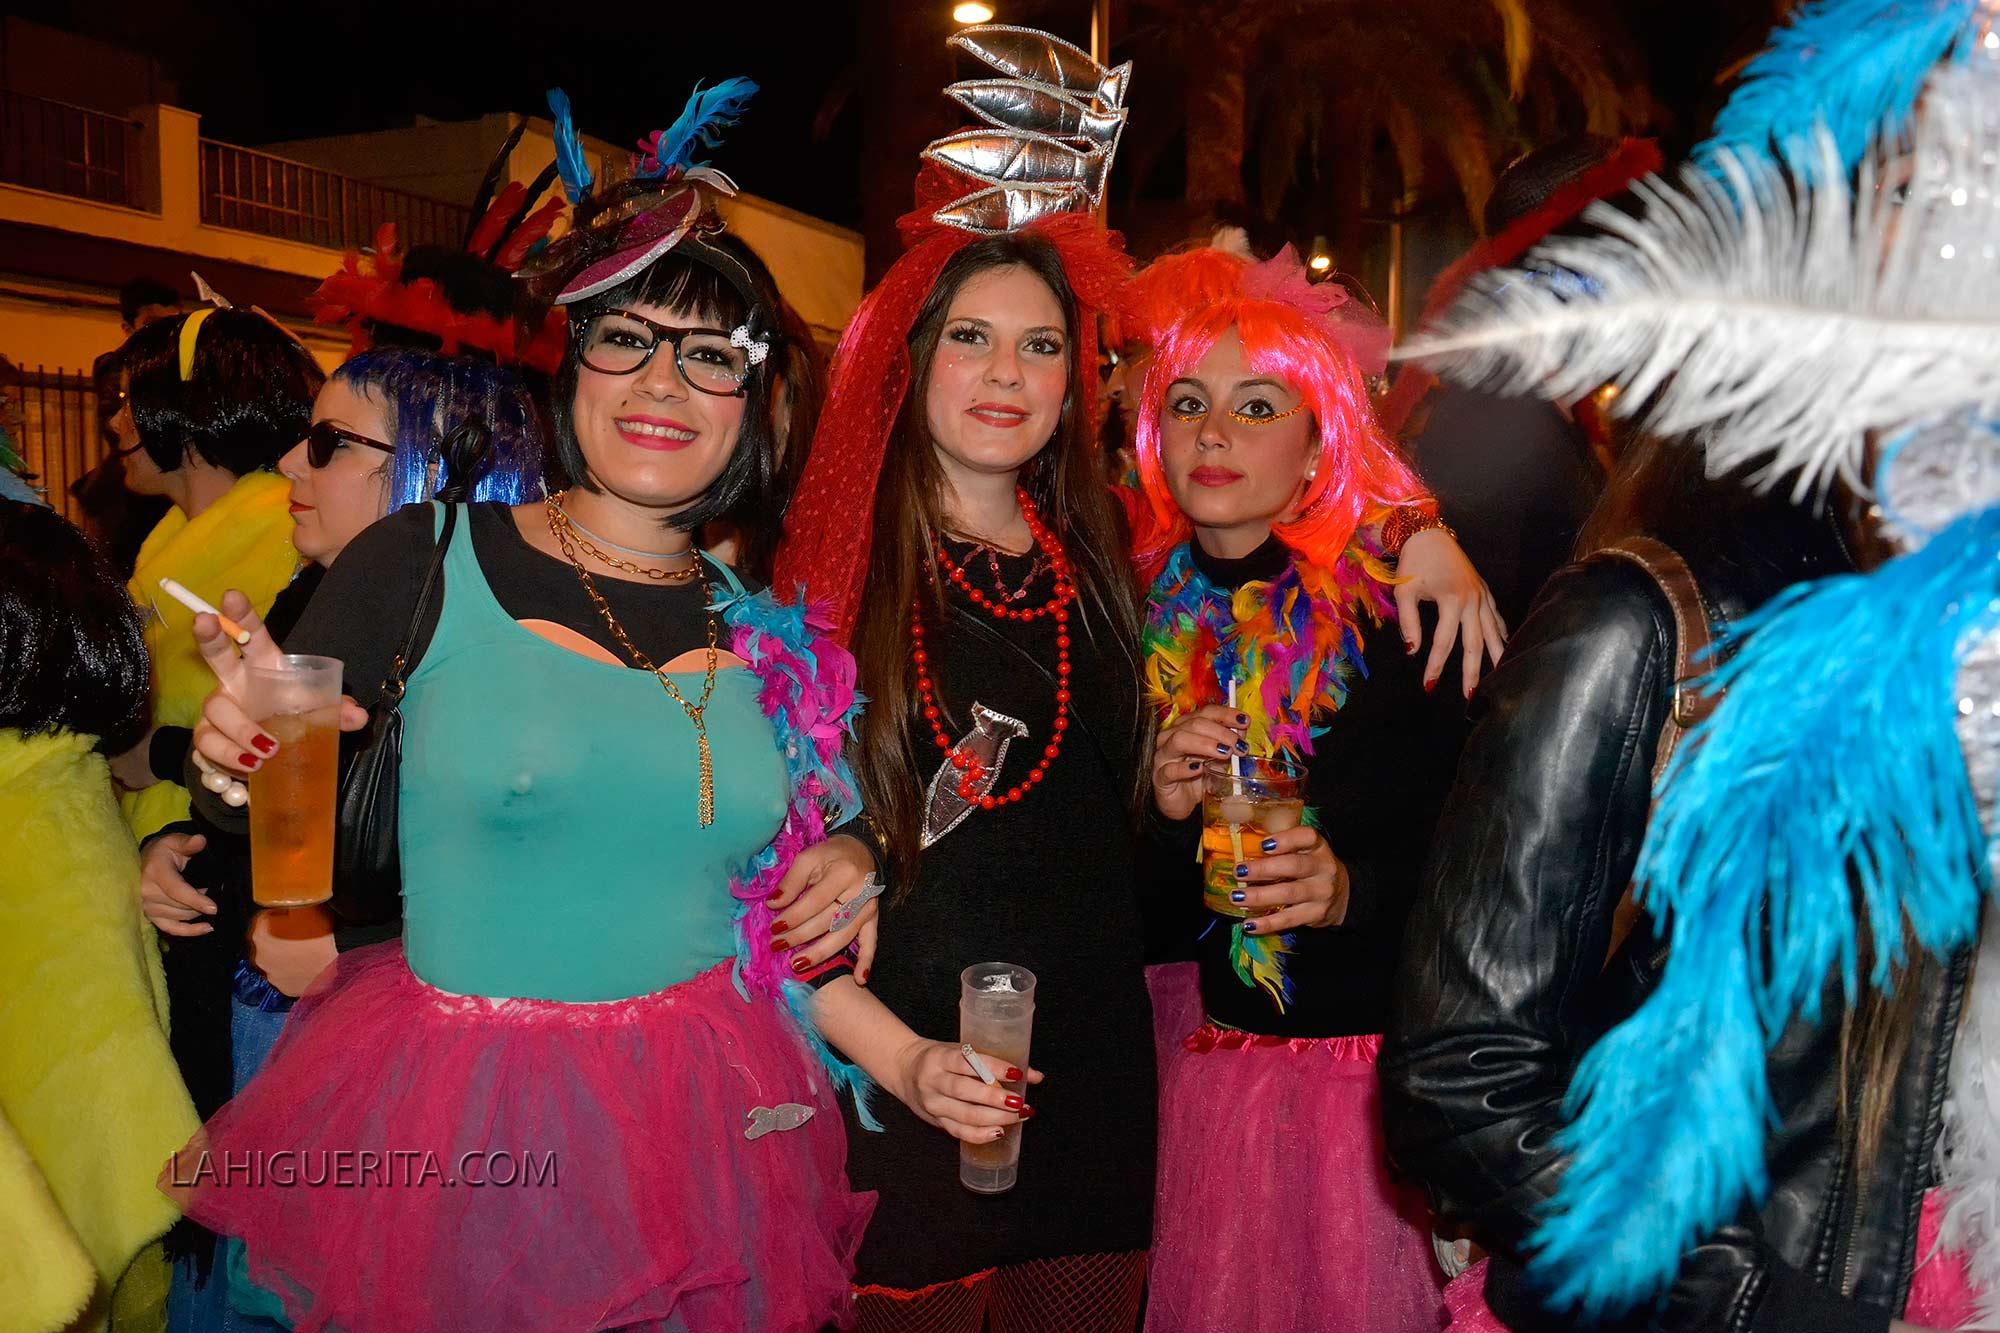 Entierro de la sardina carnaval isla cristina _DSC2153